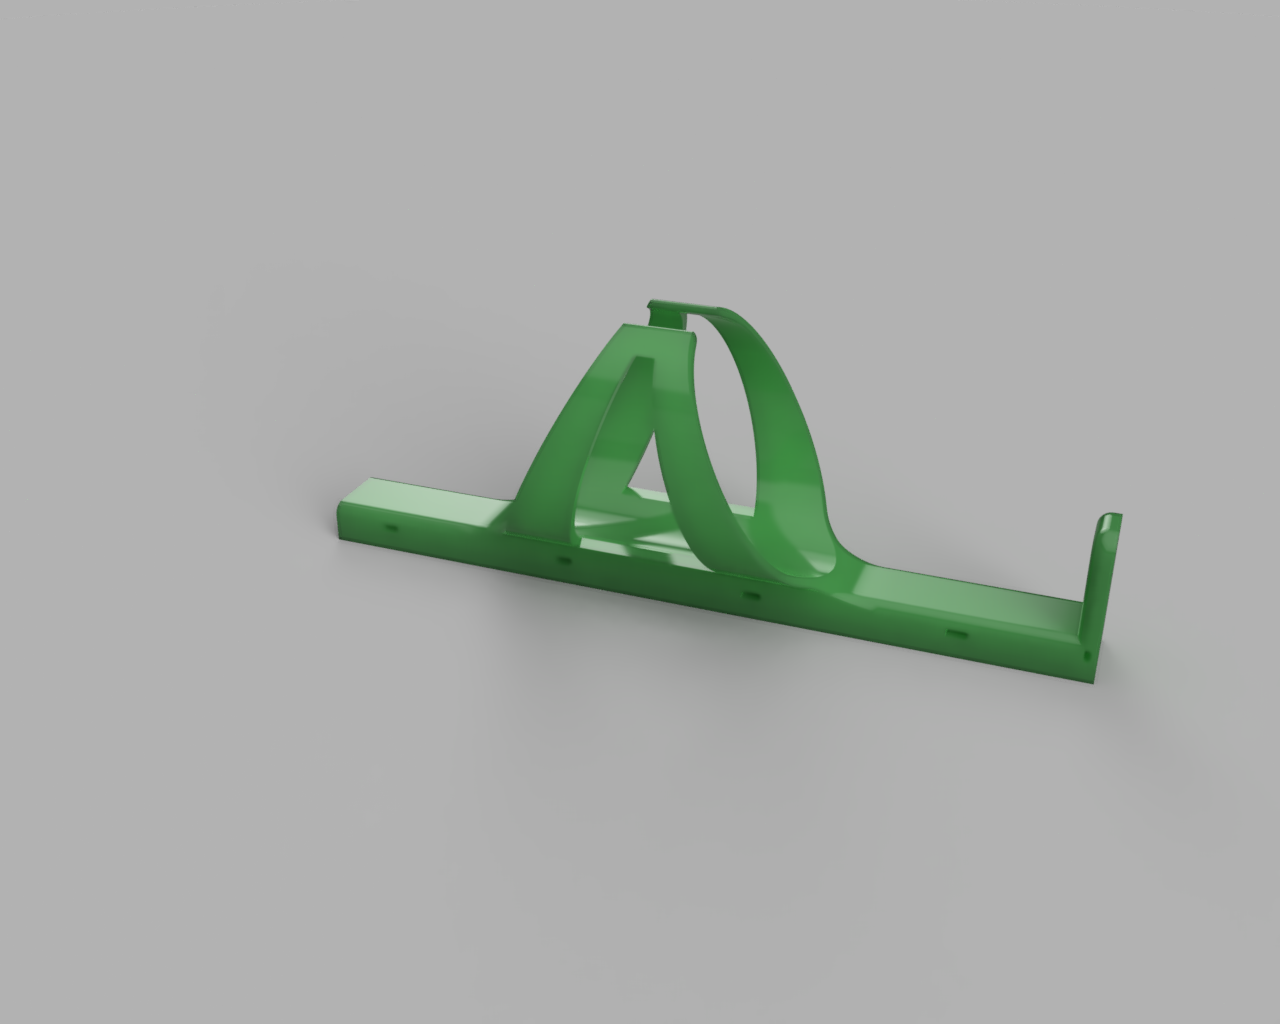 123.png Download free STL file Bottle holder • 3D printable design, drsmyrke